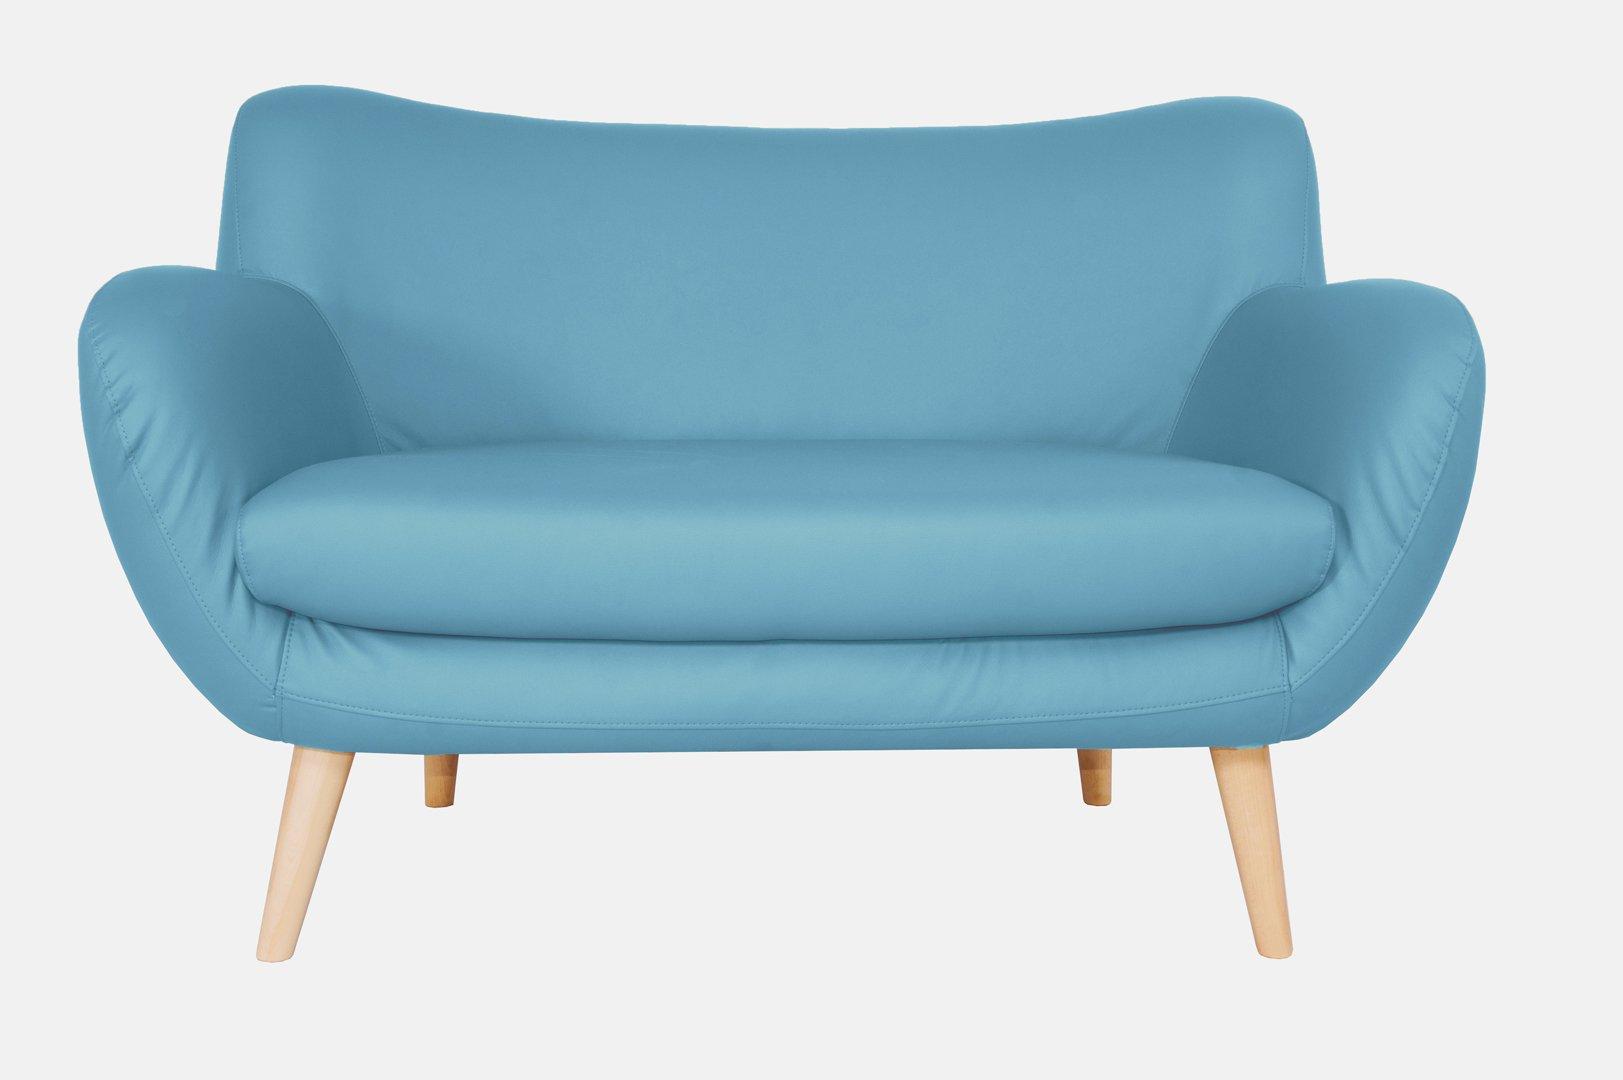 Canapé fixe design 2 places en PU bleu Axelle